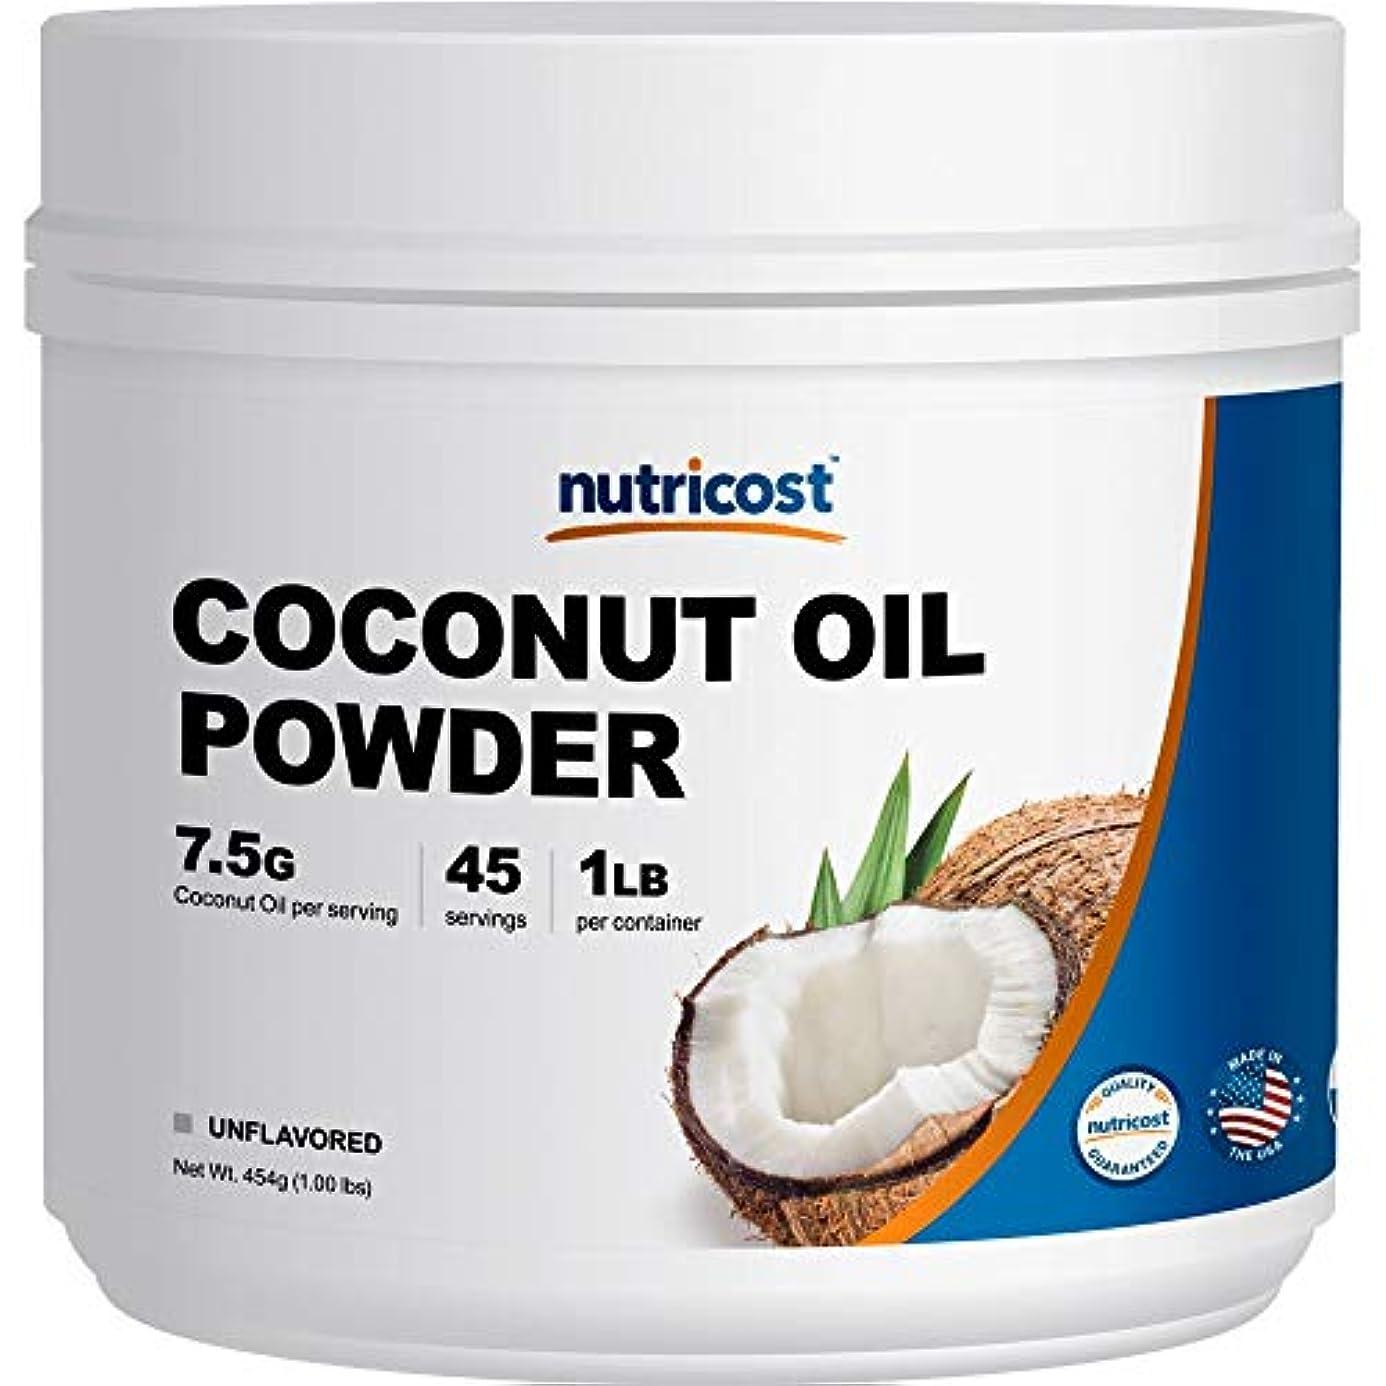 収益ハウジングエレガントNutricost ココナッツオイルパウダー 1LB、45食分、非GMO、グルテンフリー